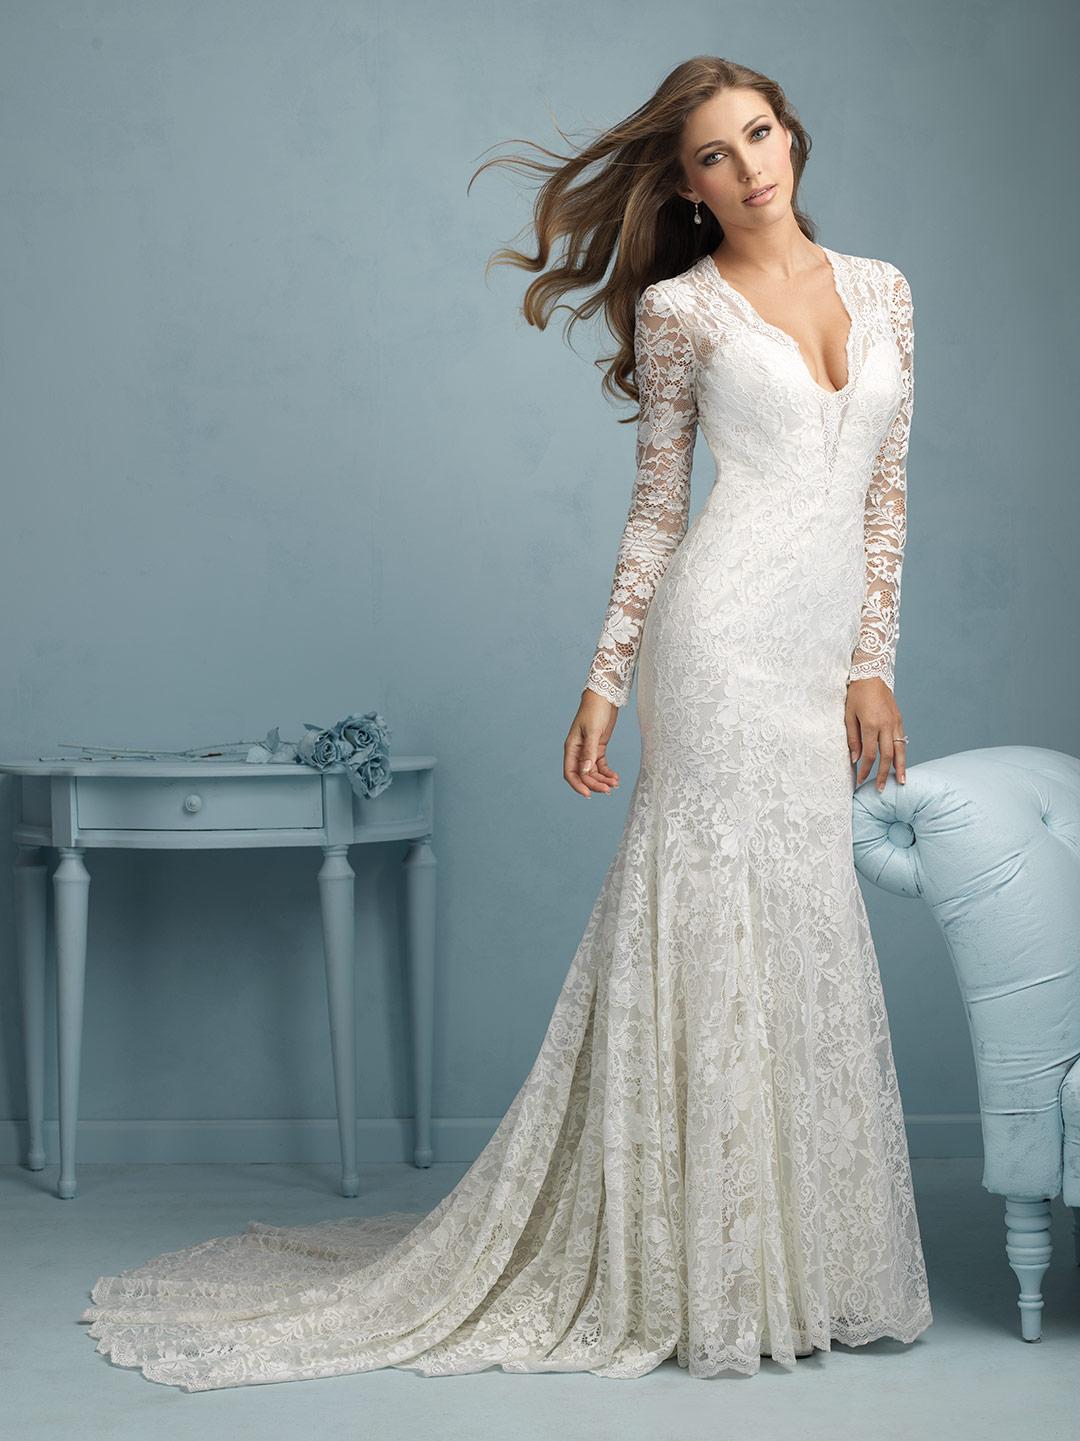 Wedding Dresses St Louis - Vosoi.com